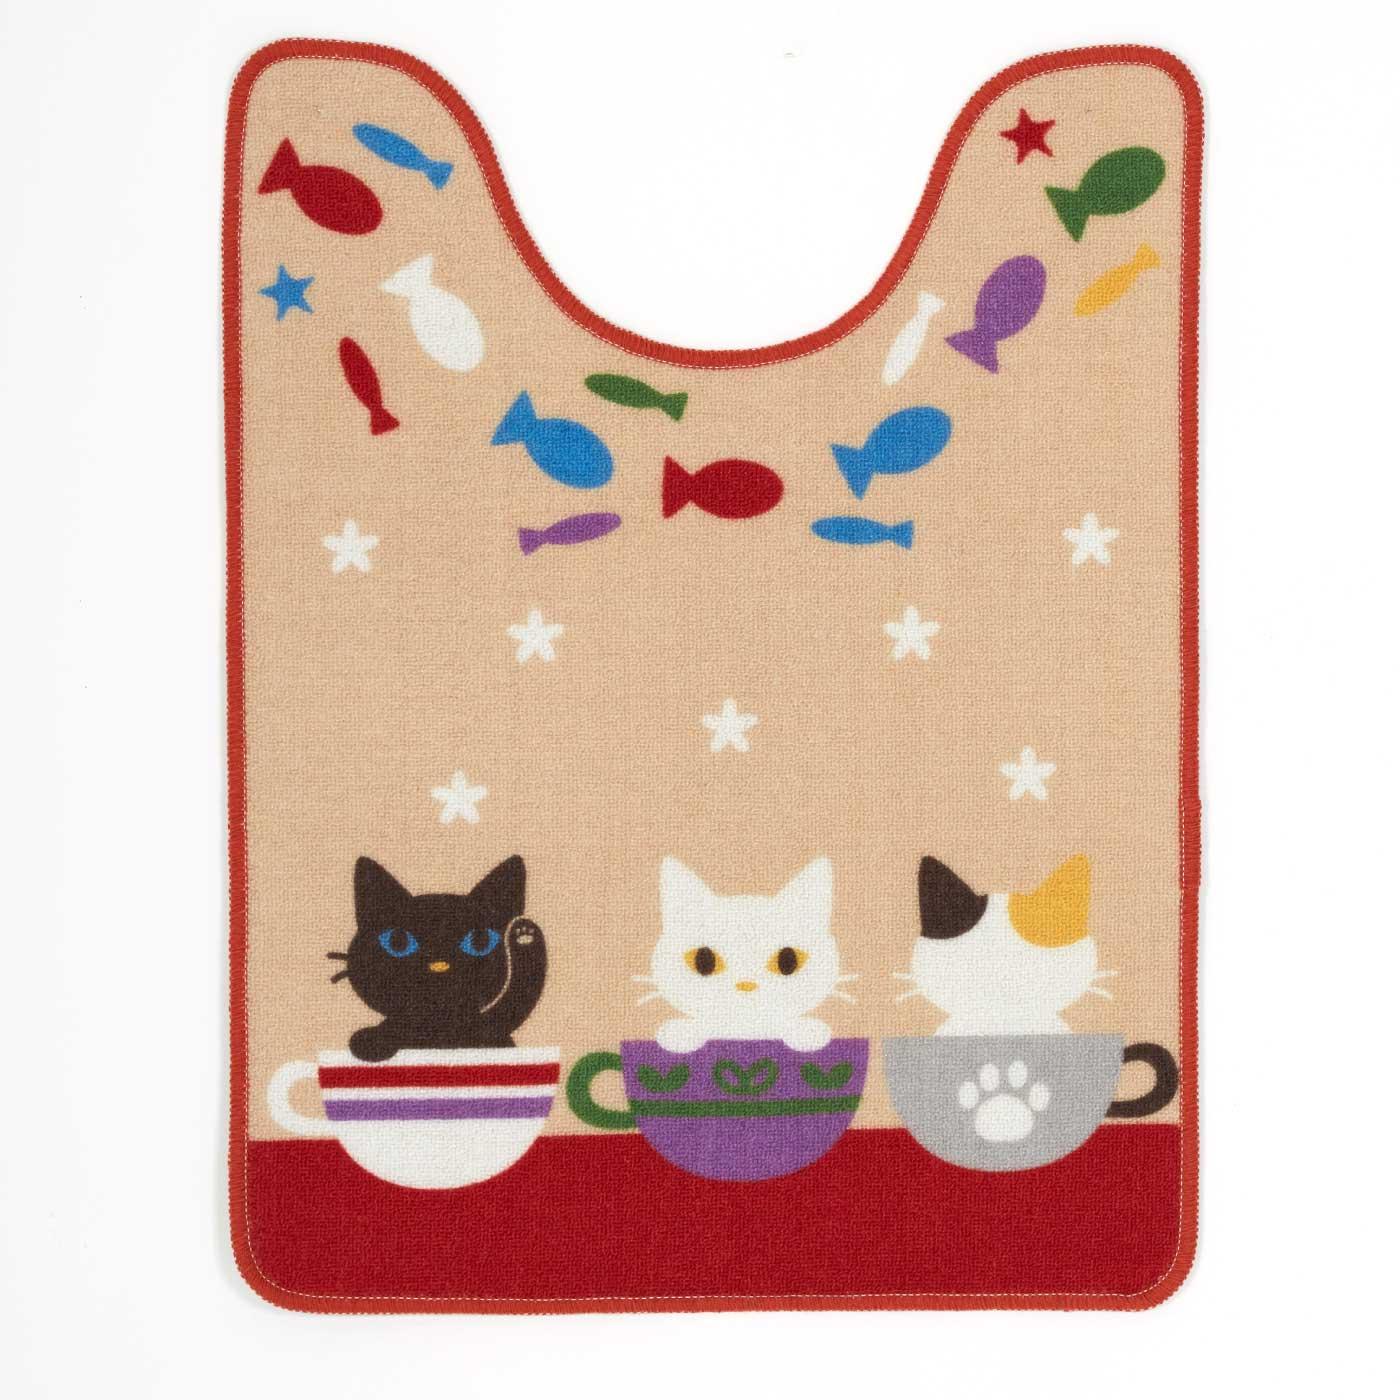 かわいい子猫フレンズ ロングサイズトイレマット